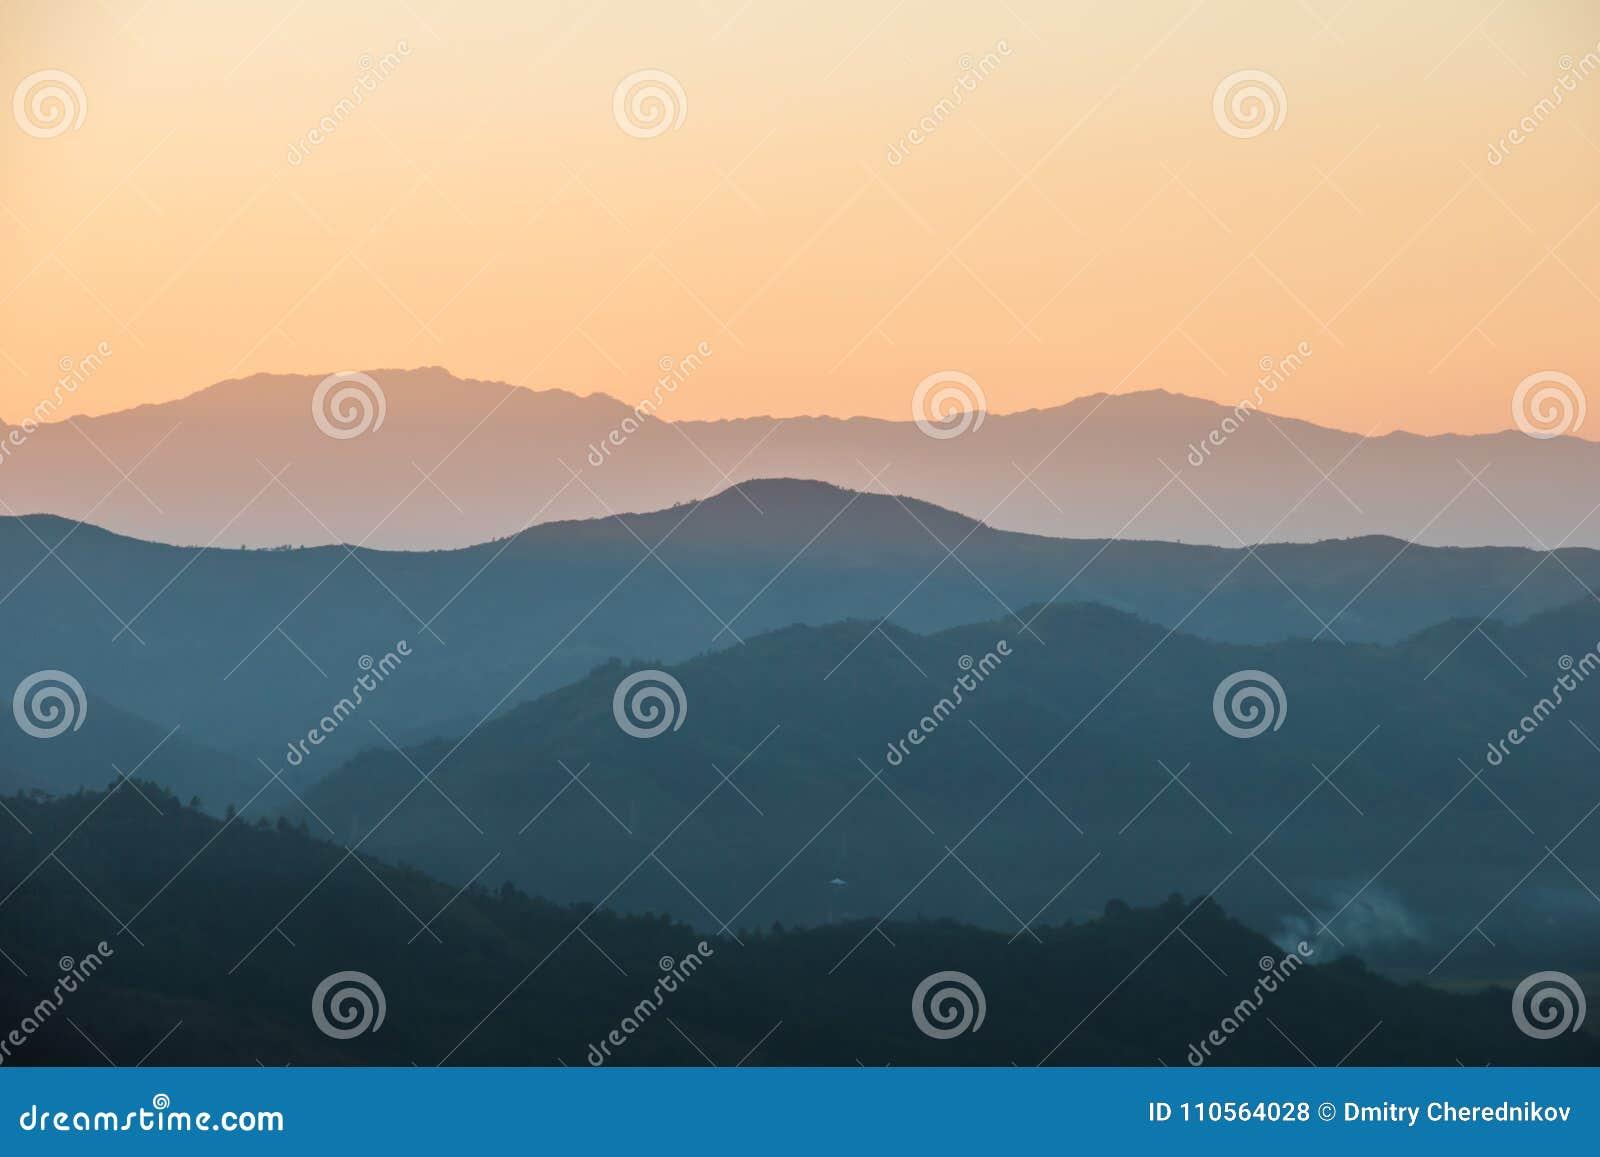 Schöner Sonnenuntergang in den Hügeln von Indien, Landschaft